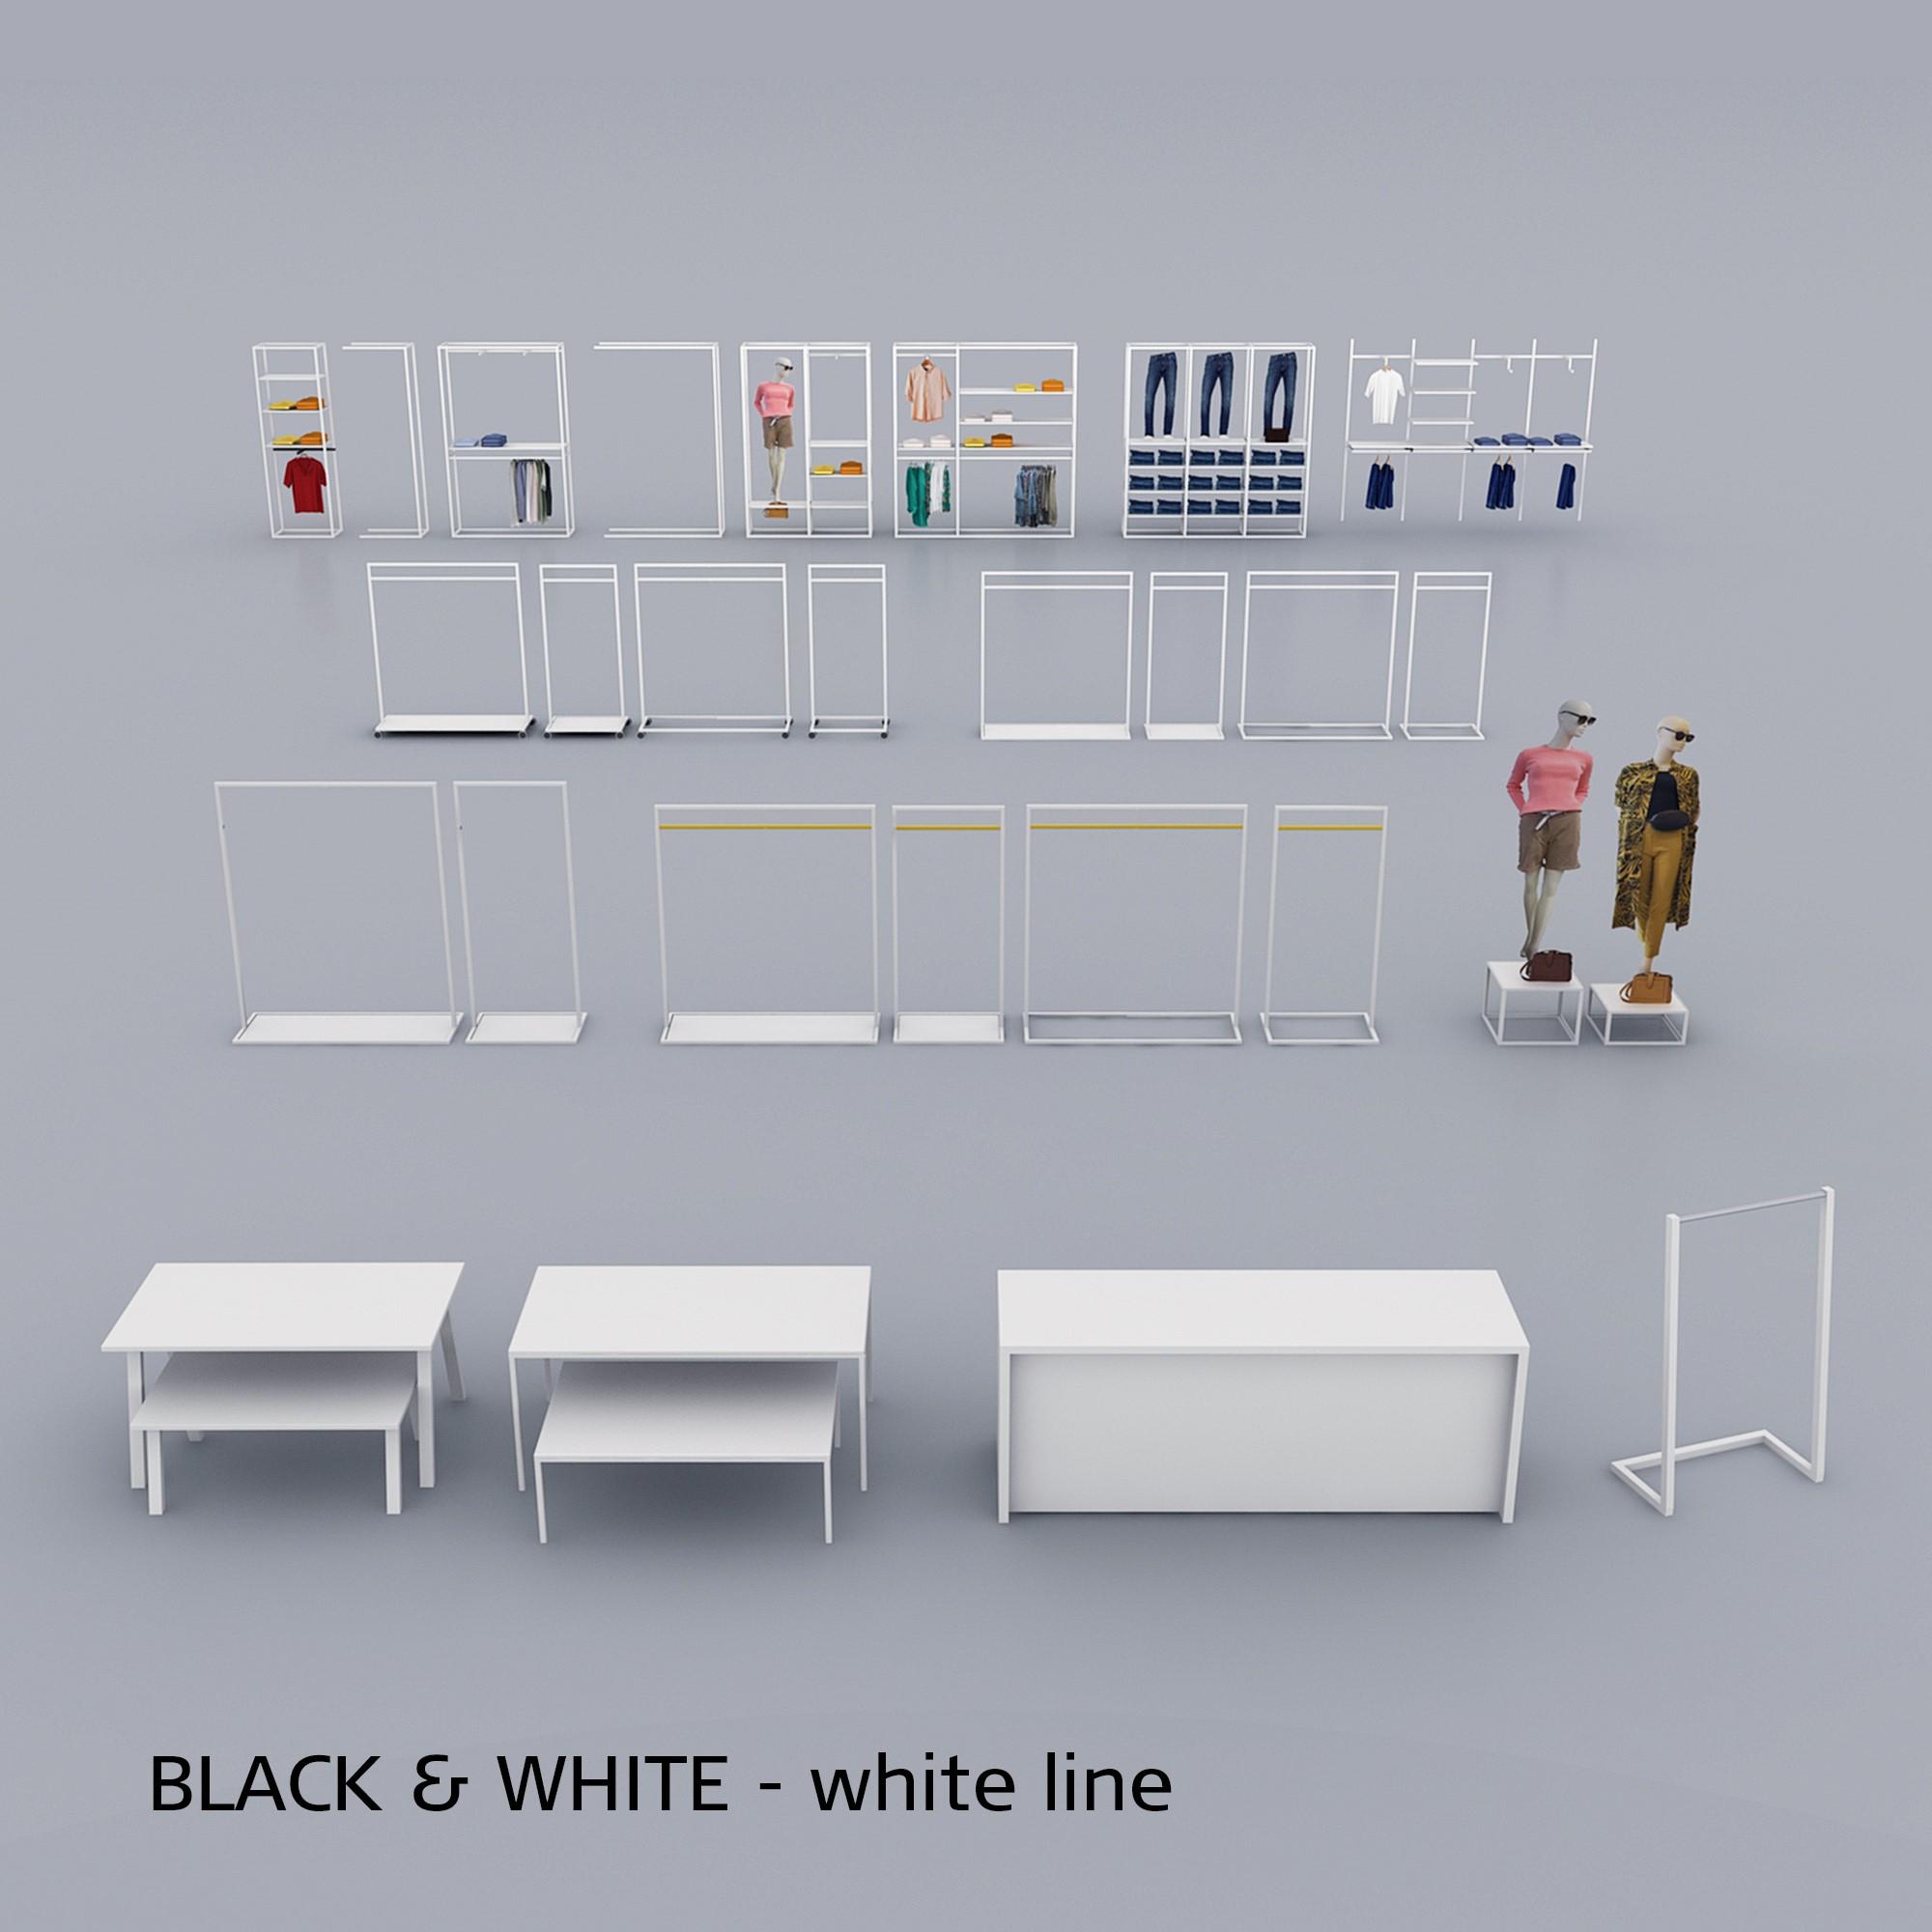 Butiksinventar i hvidt - oversigt over White-Line